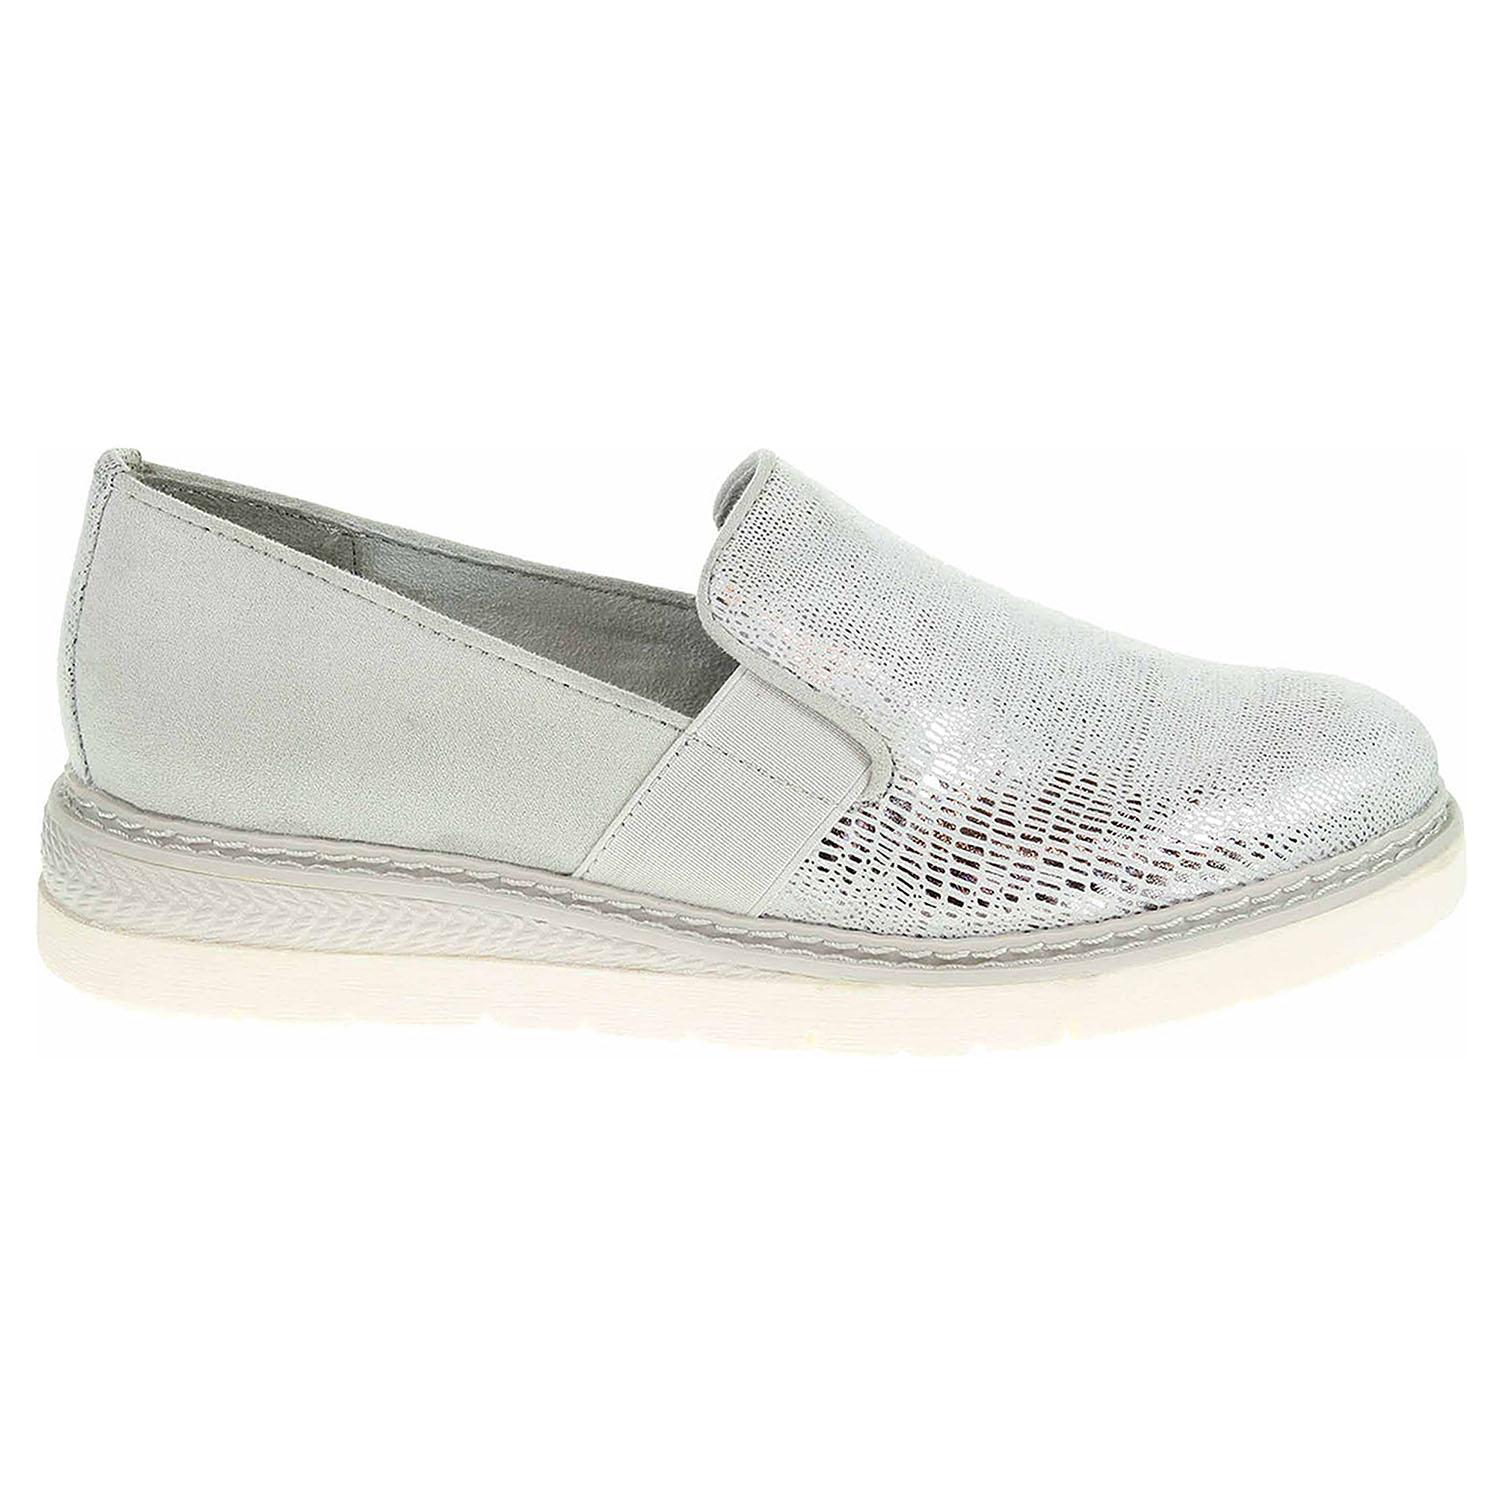 Ecco Jana dámské mokasiny 8-24619-20 white-silver 23000859